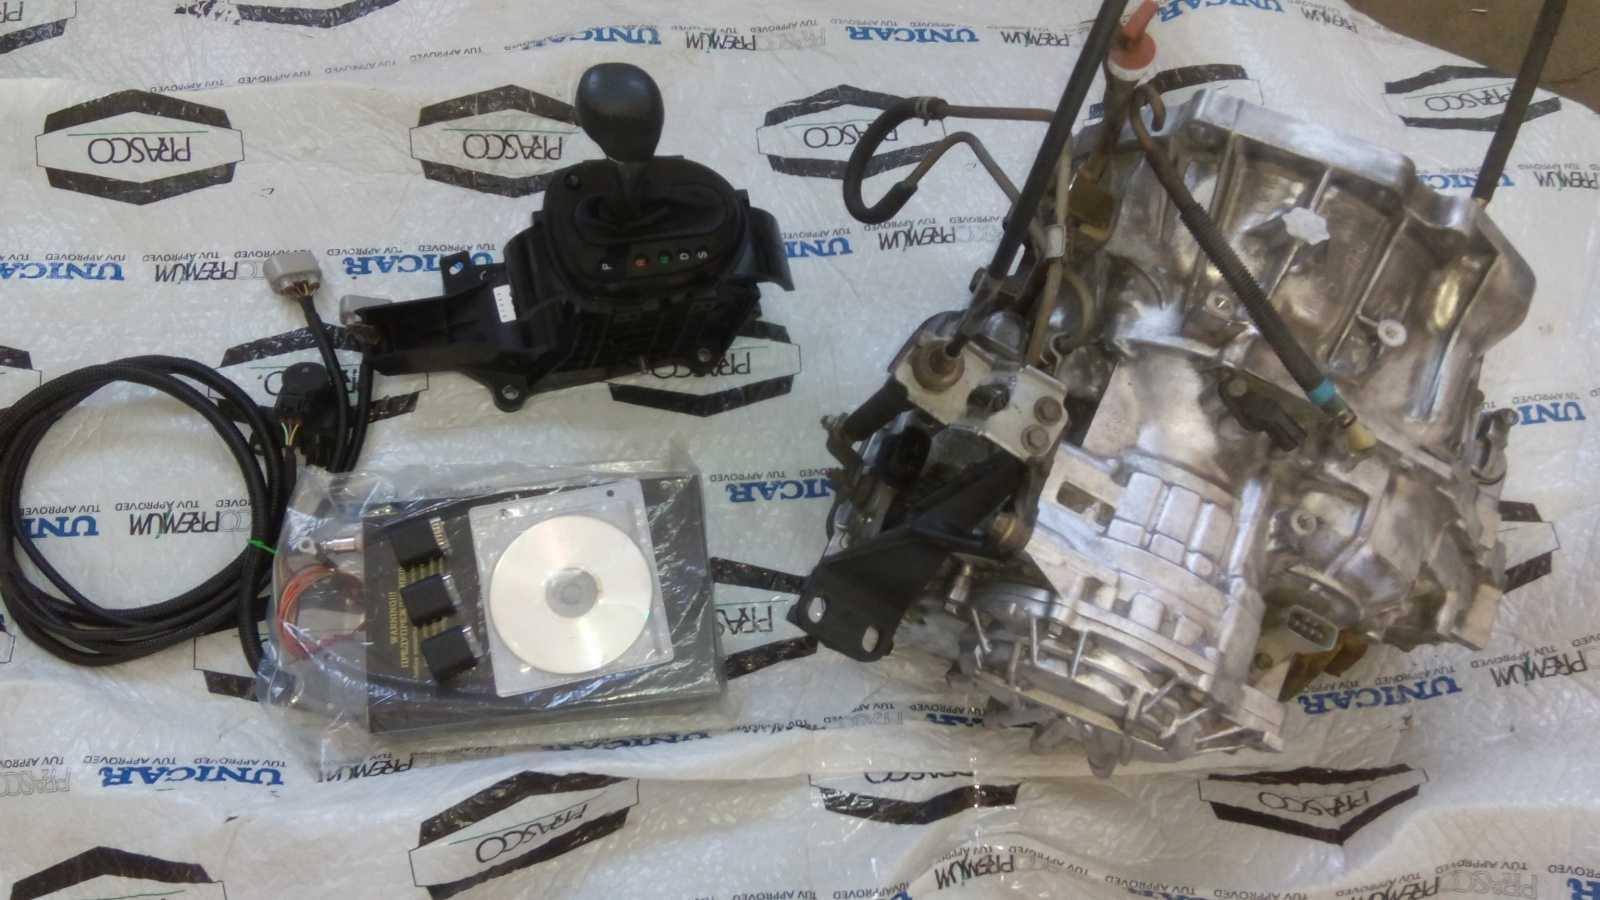 Замена масла в акпп toyota corolla: когда менять, видео о том, как поменять смазку в автоматической коробке передач своими руками